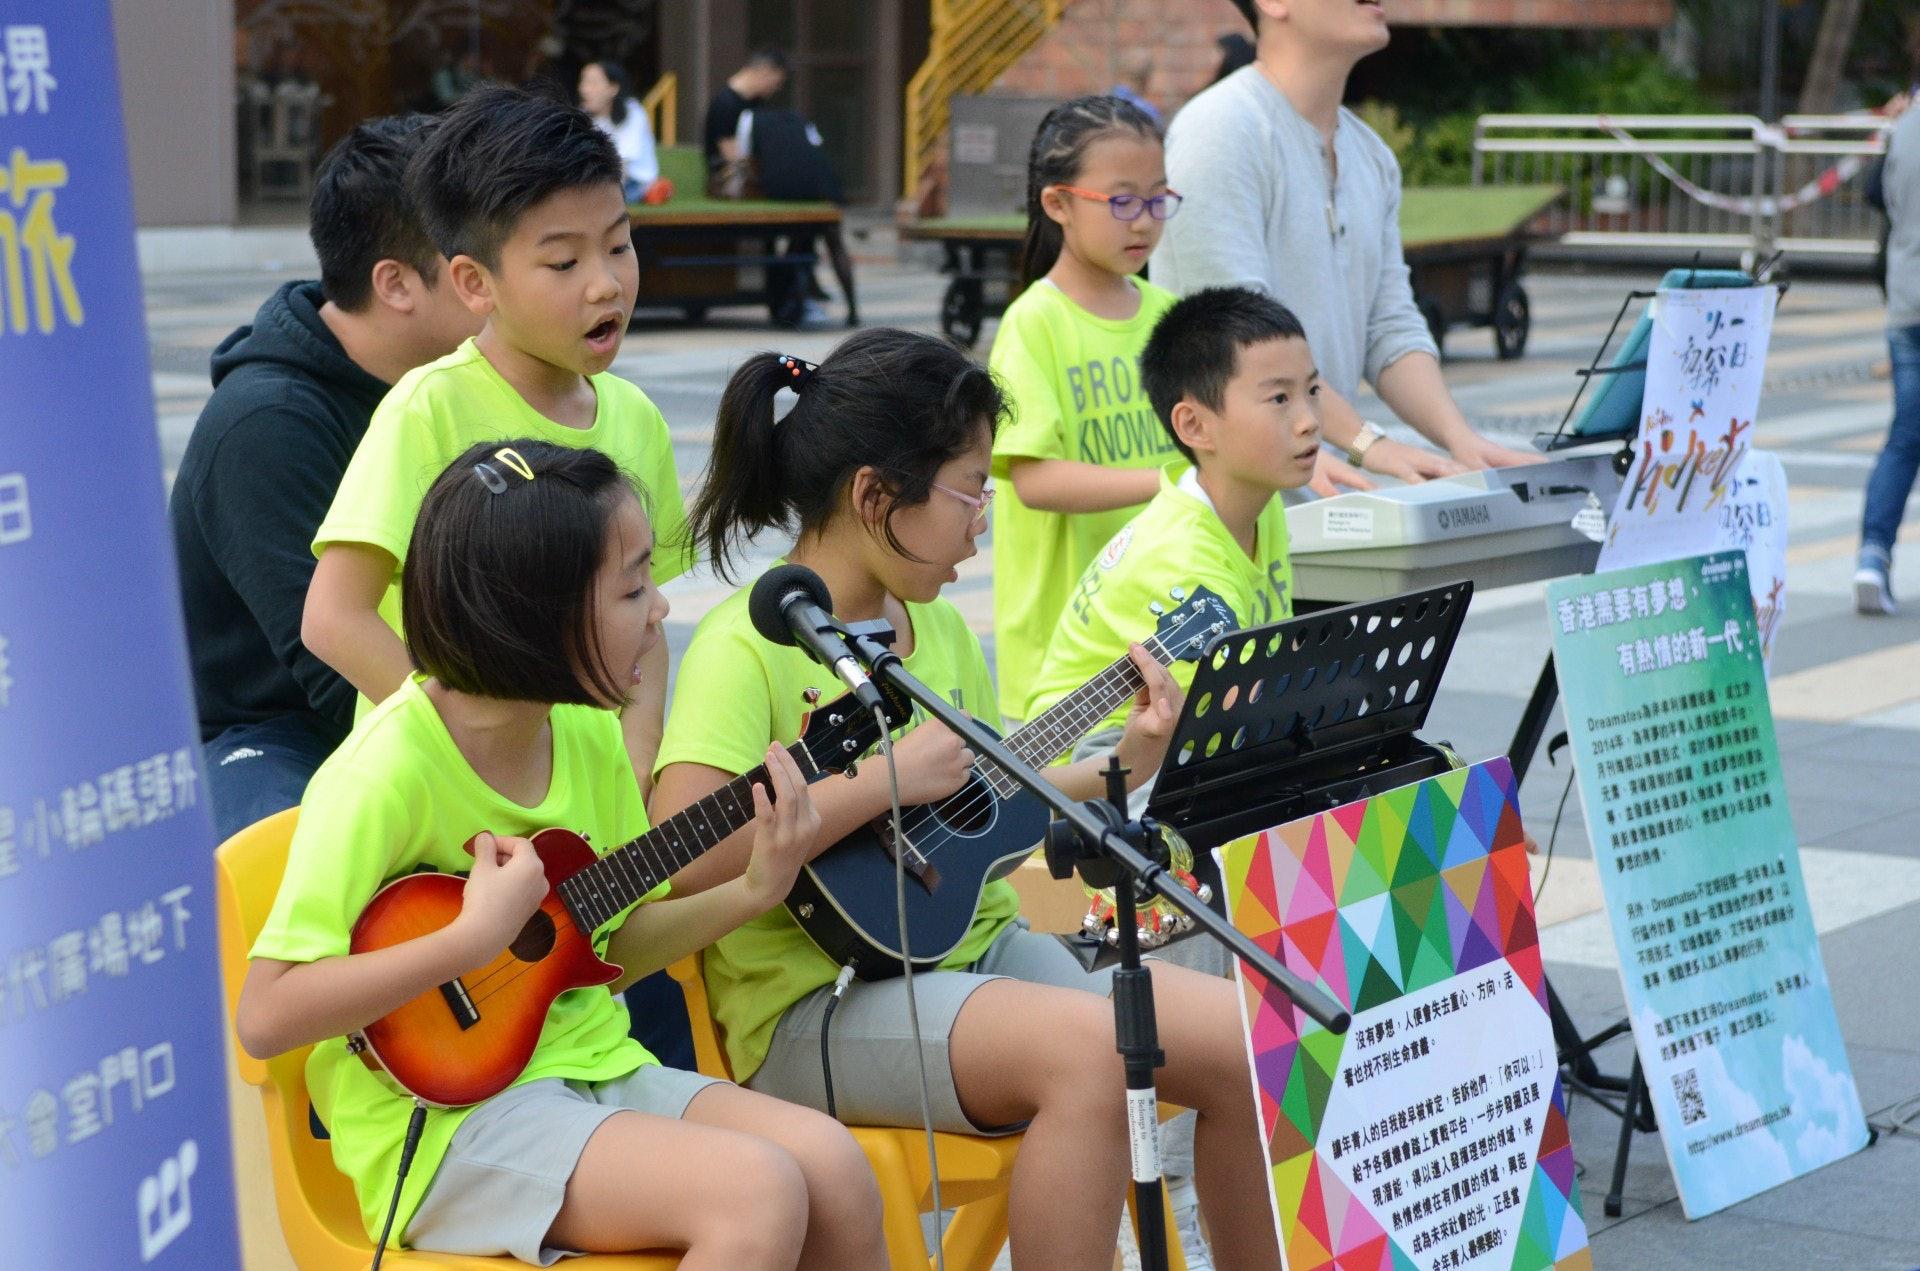 學生負責不同的樂器,包括ukulele、keyboard、木箱鼓及主音等。(陳展希攝)